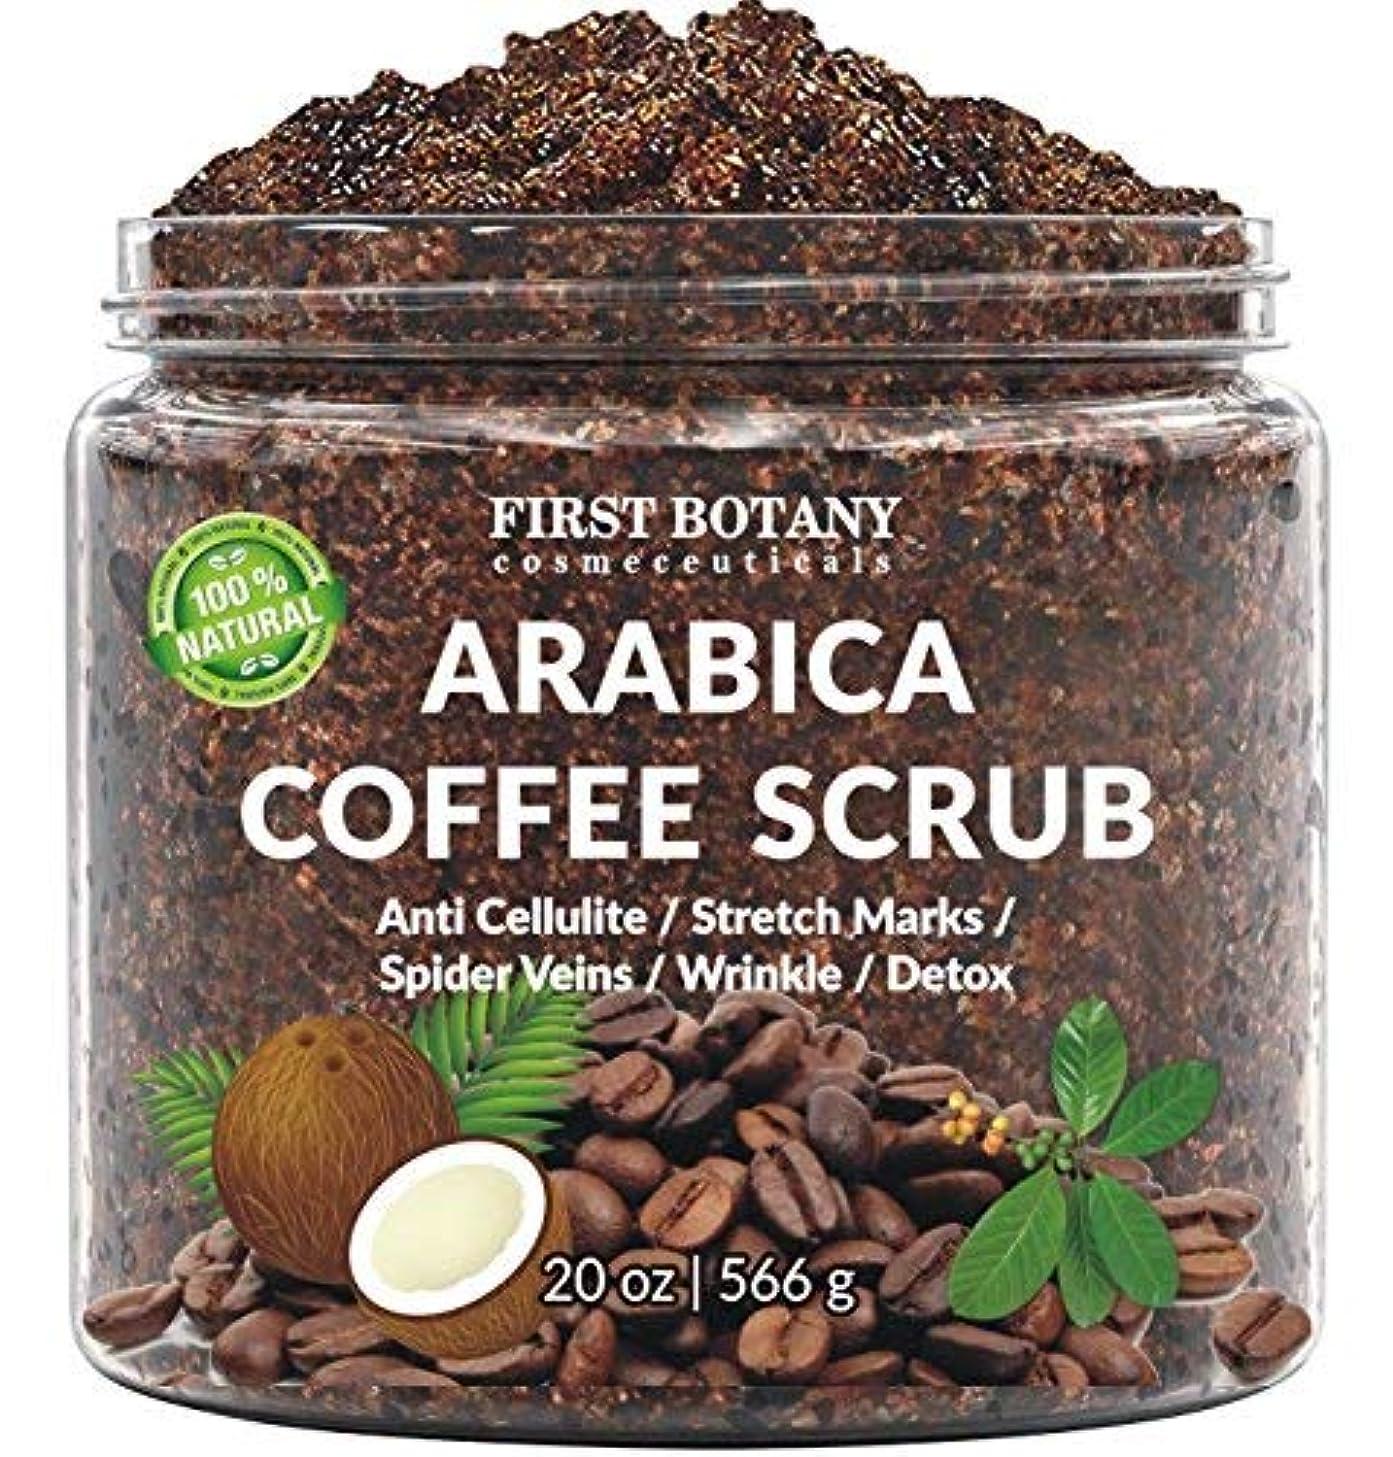 有毒無秩序うつ100% ナチュラル アラビカ コーヒースクラブ with 有機コーヒー、ココナッツ、シアバター | ボディースクラブクリーム [海外直送品] (566グラム)